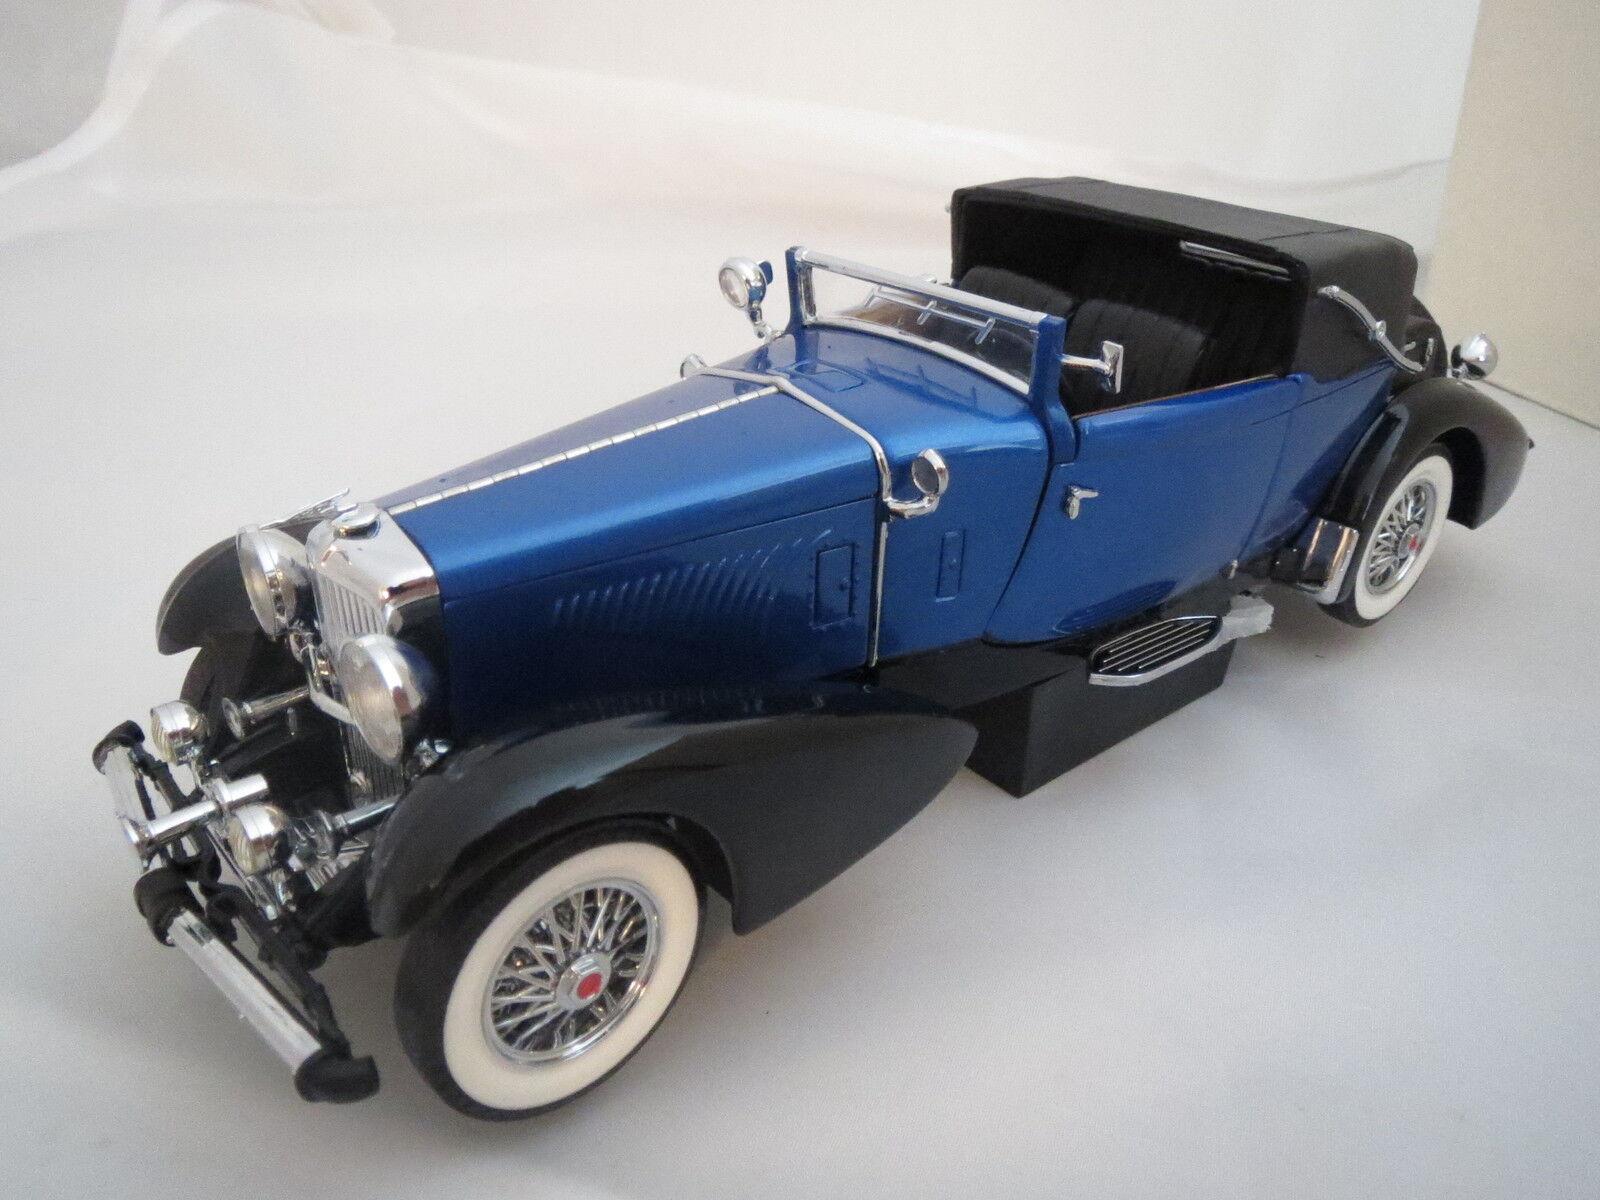 Para para aficionados al bricolaje 1933 Duesenberg en blu metálica nero, 1 24, franklin mint, rara vez